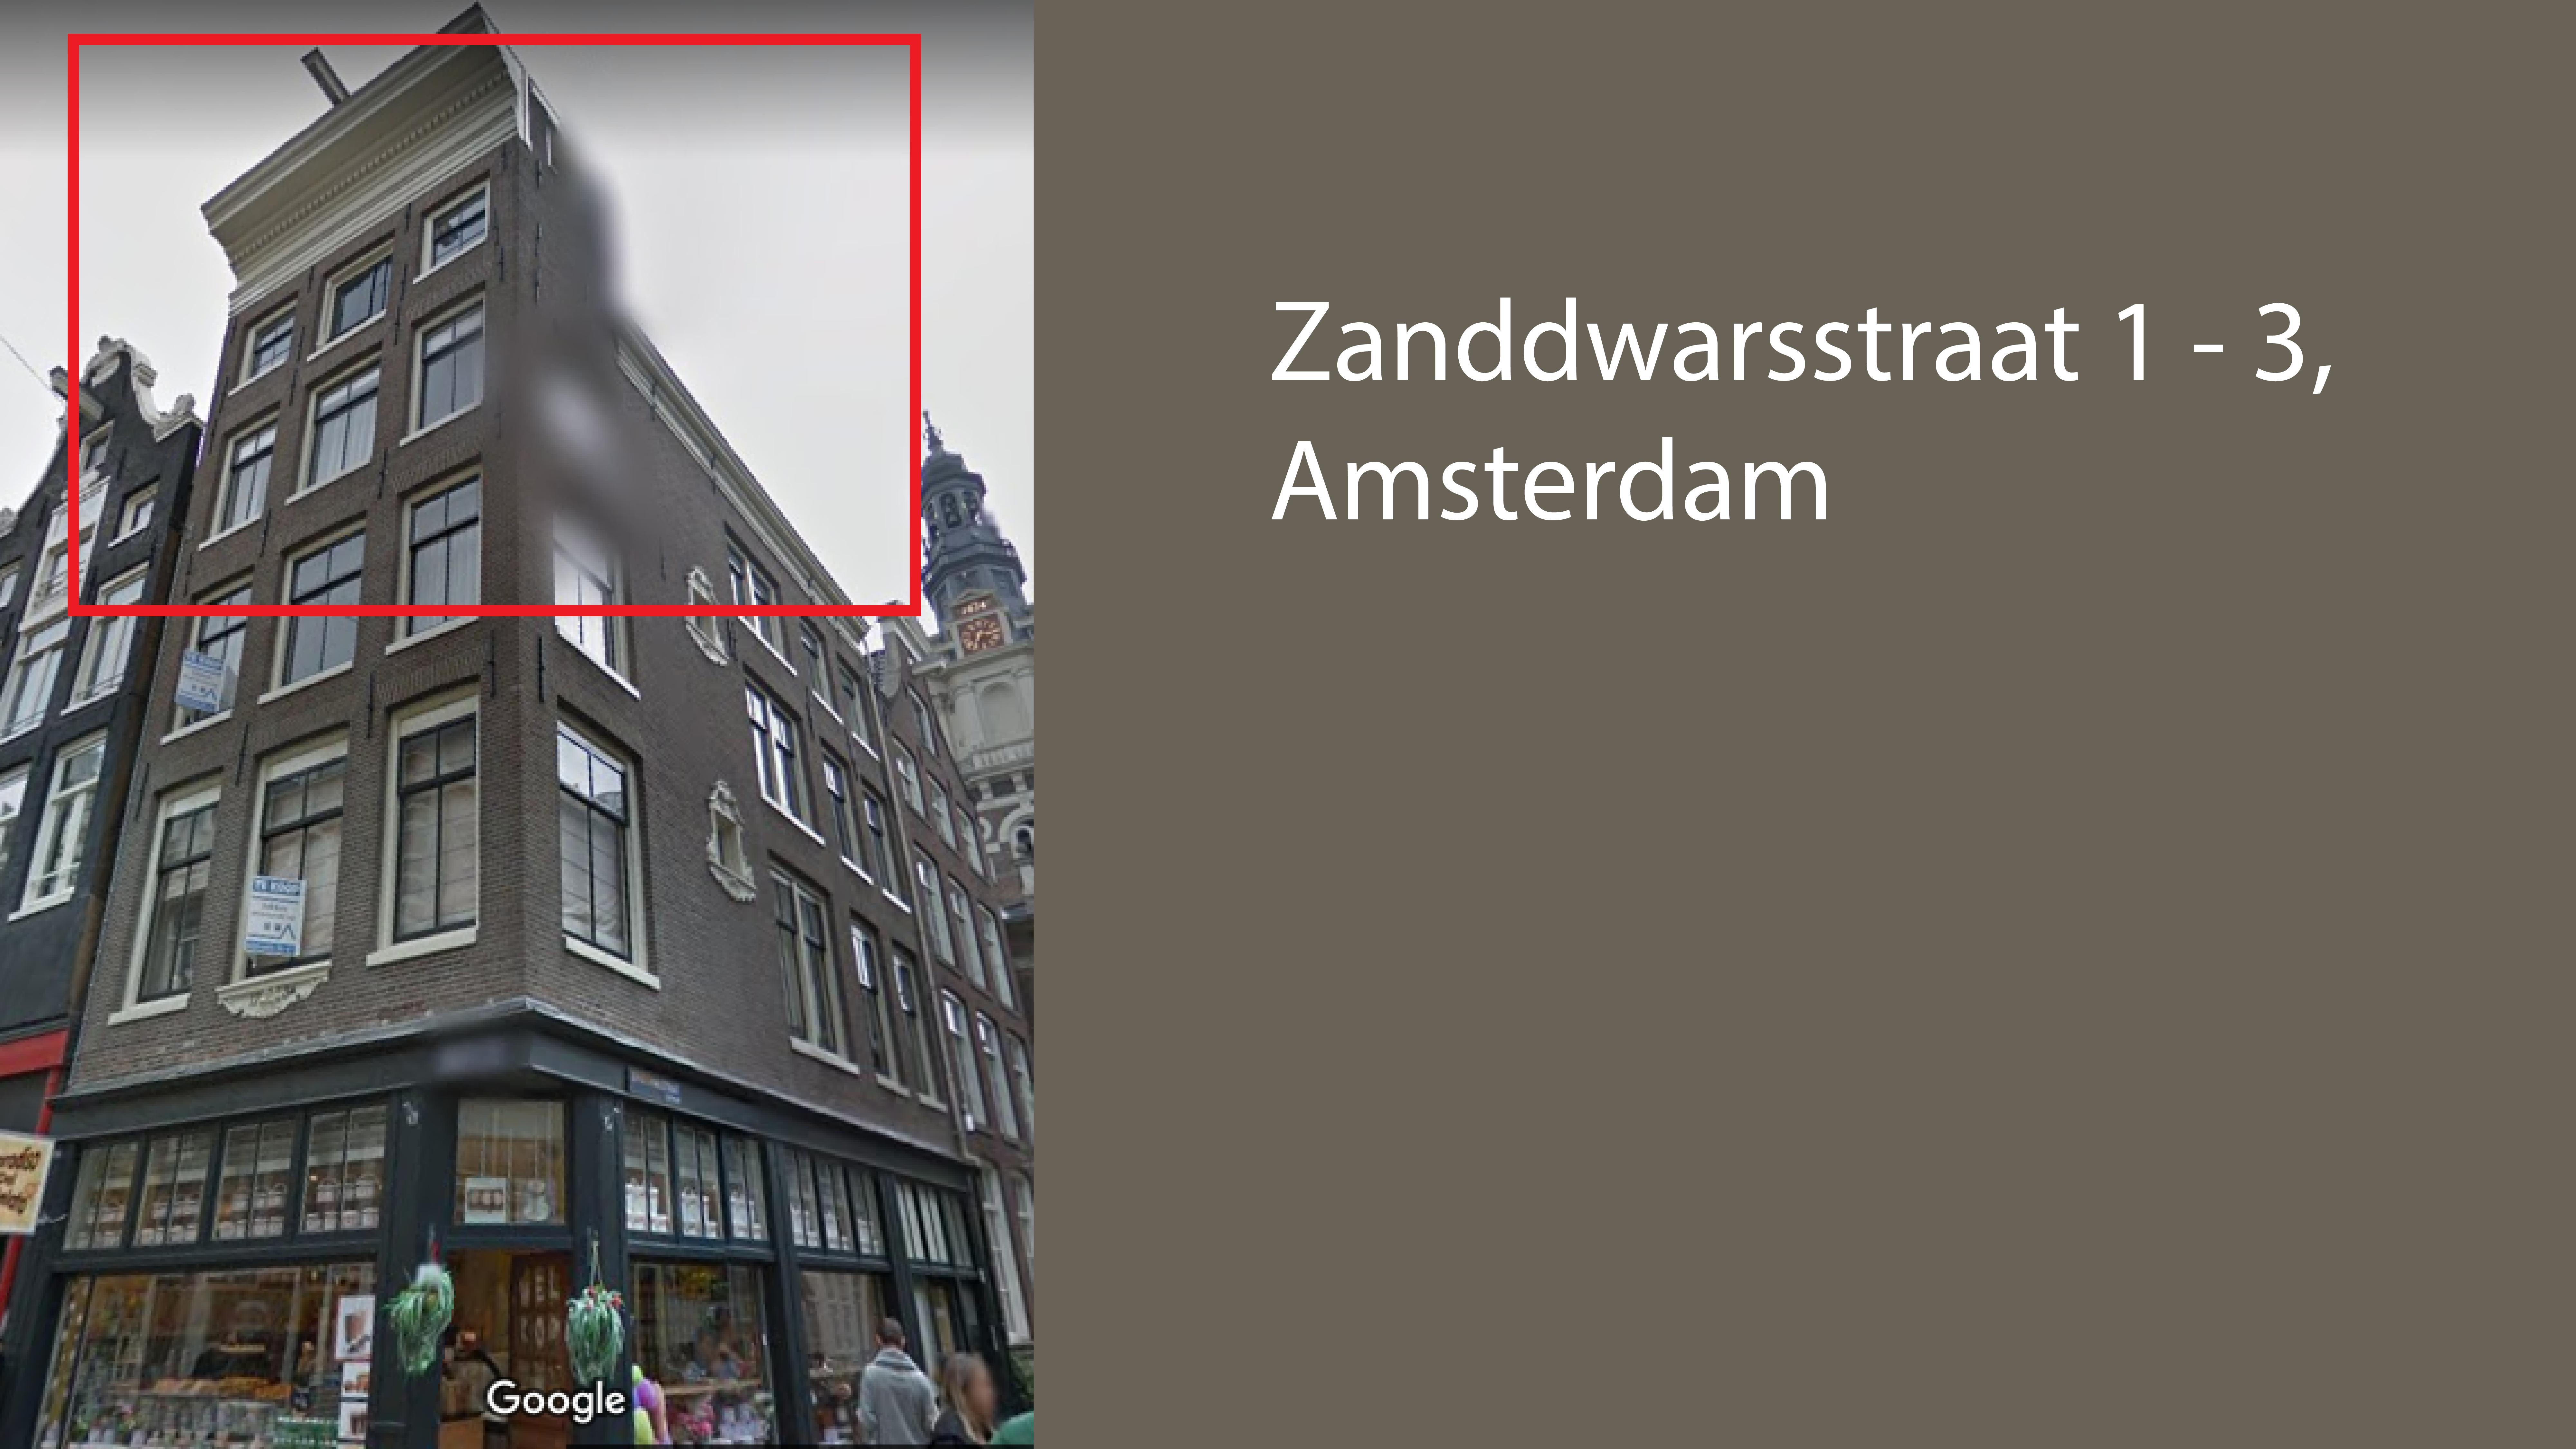 Zanddwarsstraat 1-3